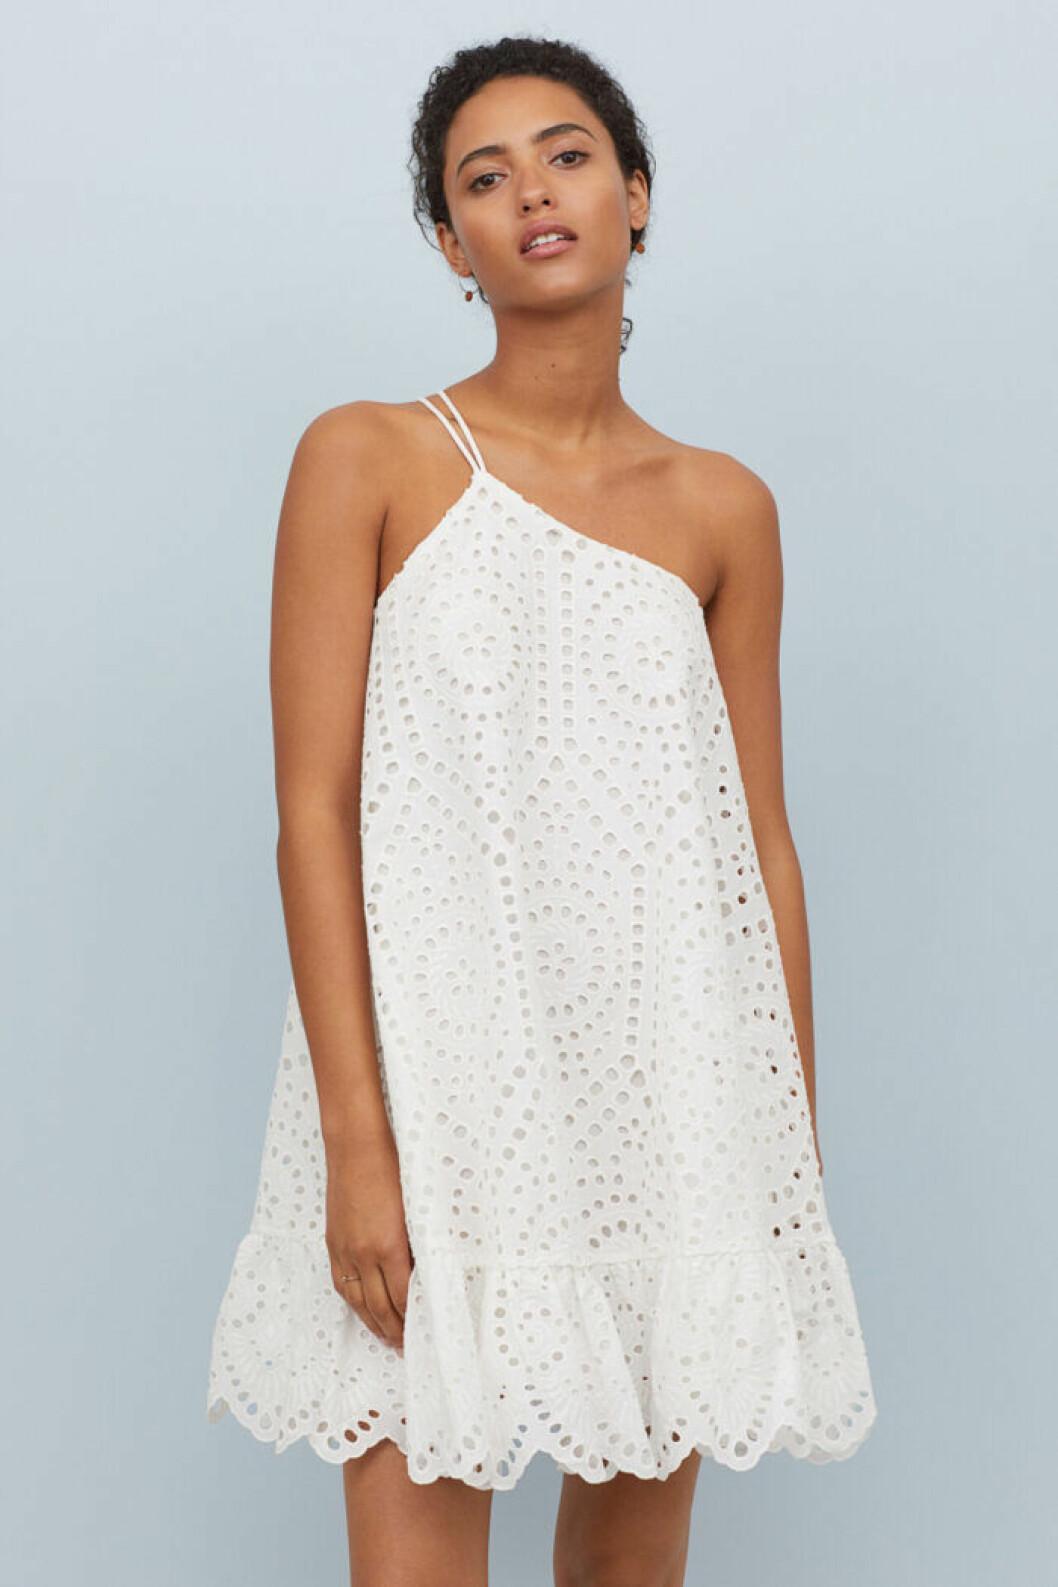 Vit spetsklänning från H&M till studenten 2019